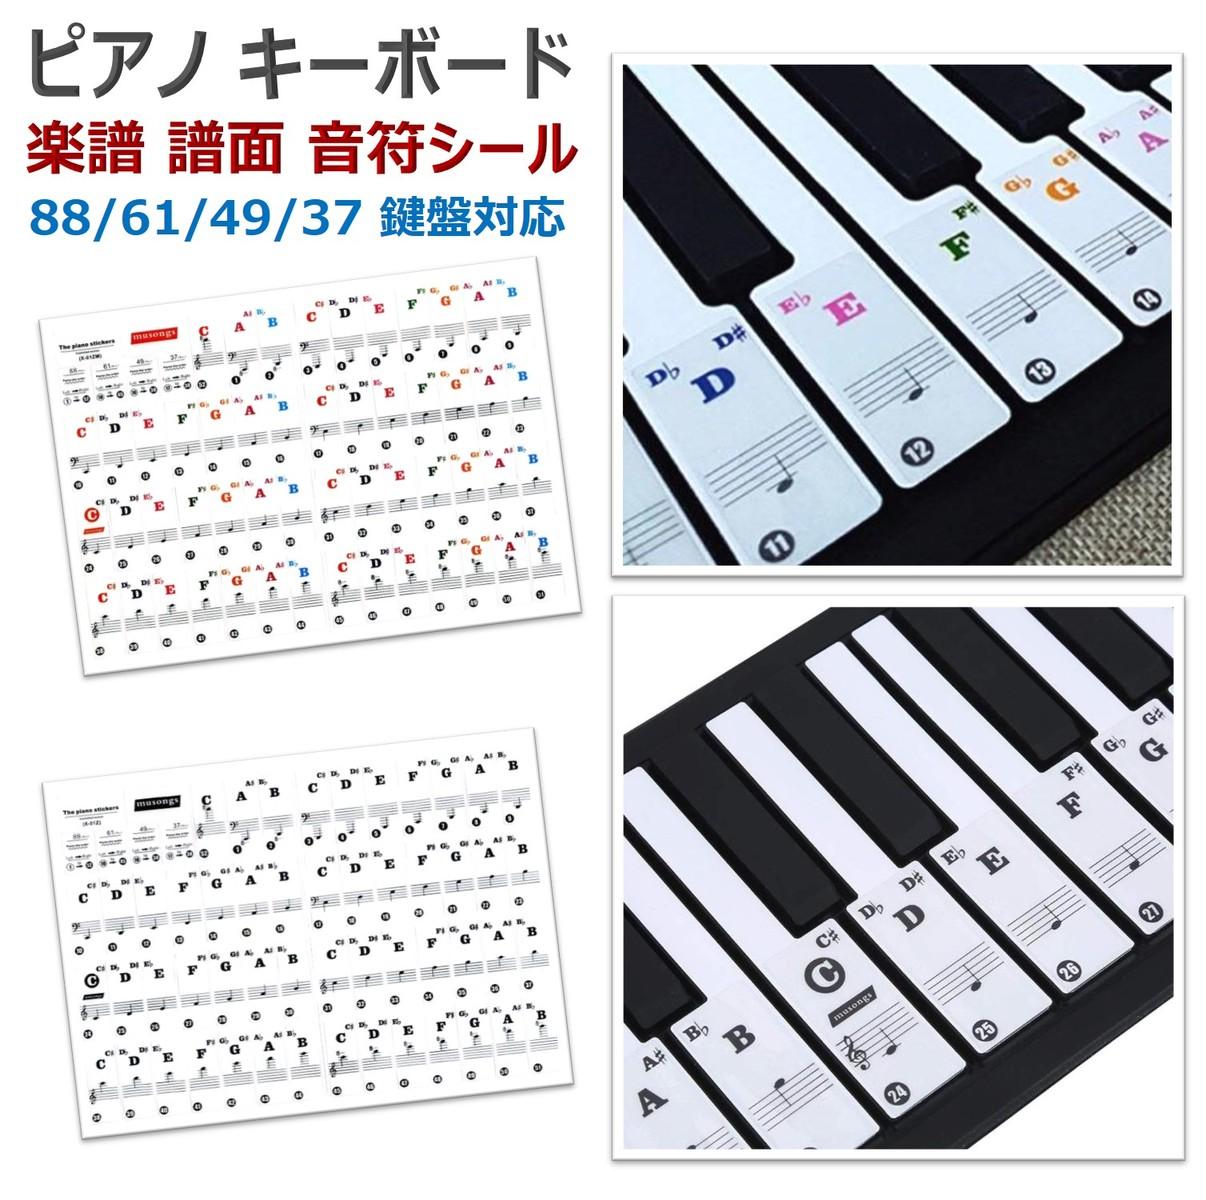 ピアノやキーボードの鍵盤位置や音名を視覚的に学べるステッカー [並行輸入品] ピアノ キーボード ステッカー 鍵盤シール 鍵盤ステッカー ピアノシール ドレミシール 鍵盤 楽譜 譜面 音符 初心者 練習 楽器 音符シール 88鍵盤 シール 88 プレゼント ピアノ教本 ピアノレッスン 37 61 ピアノ楽譜 リトミック 49 ピアノ鍵盤シール